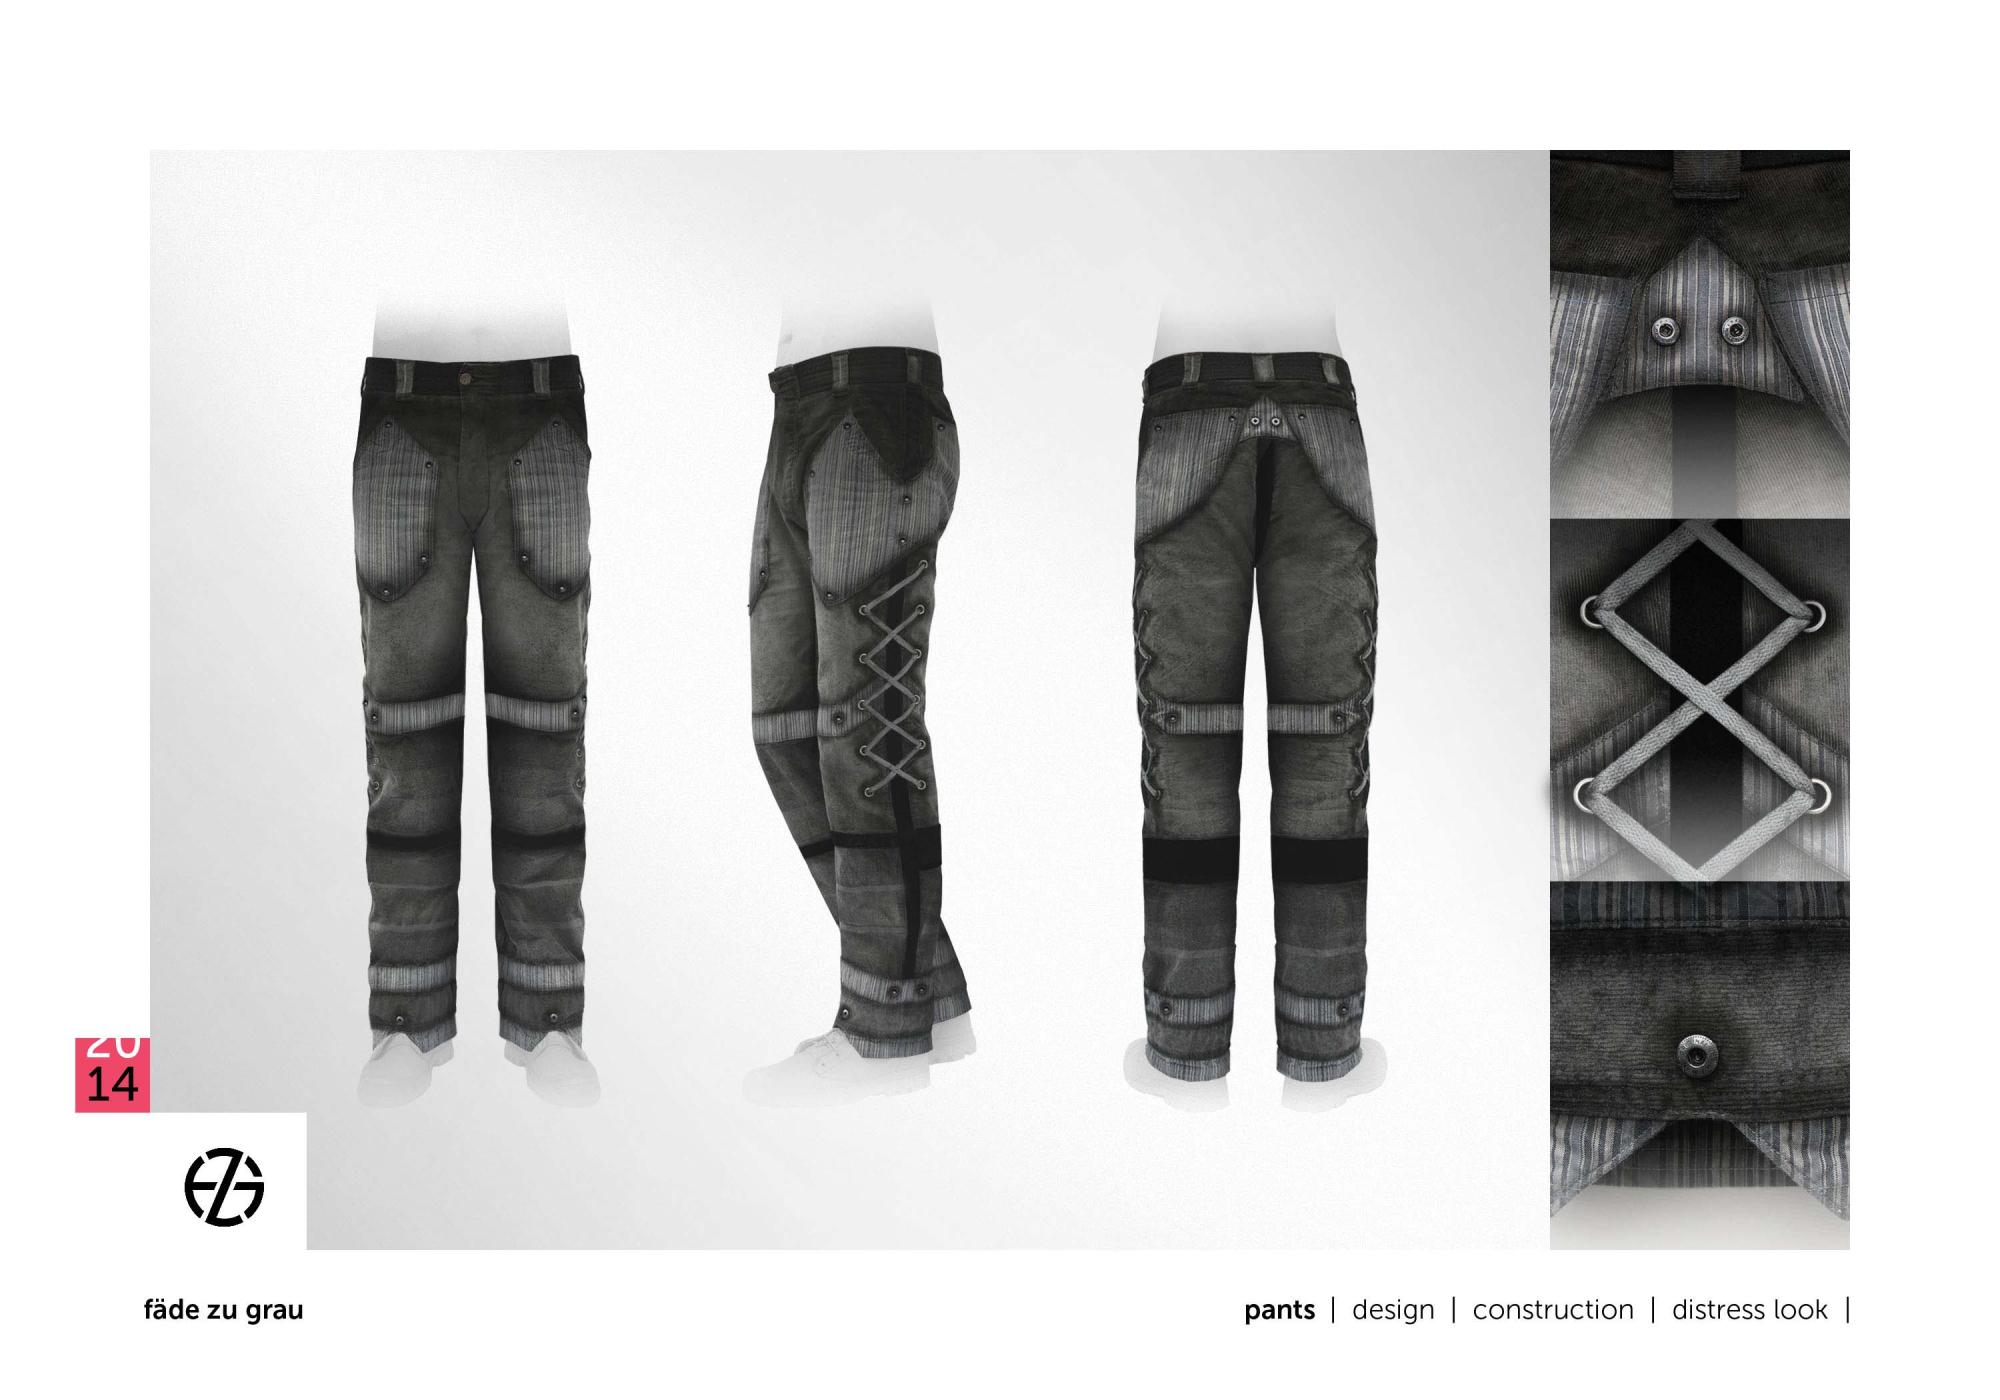 fäde zu grau | pants